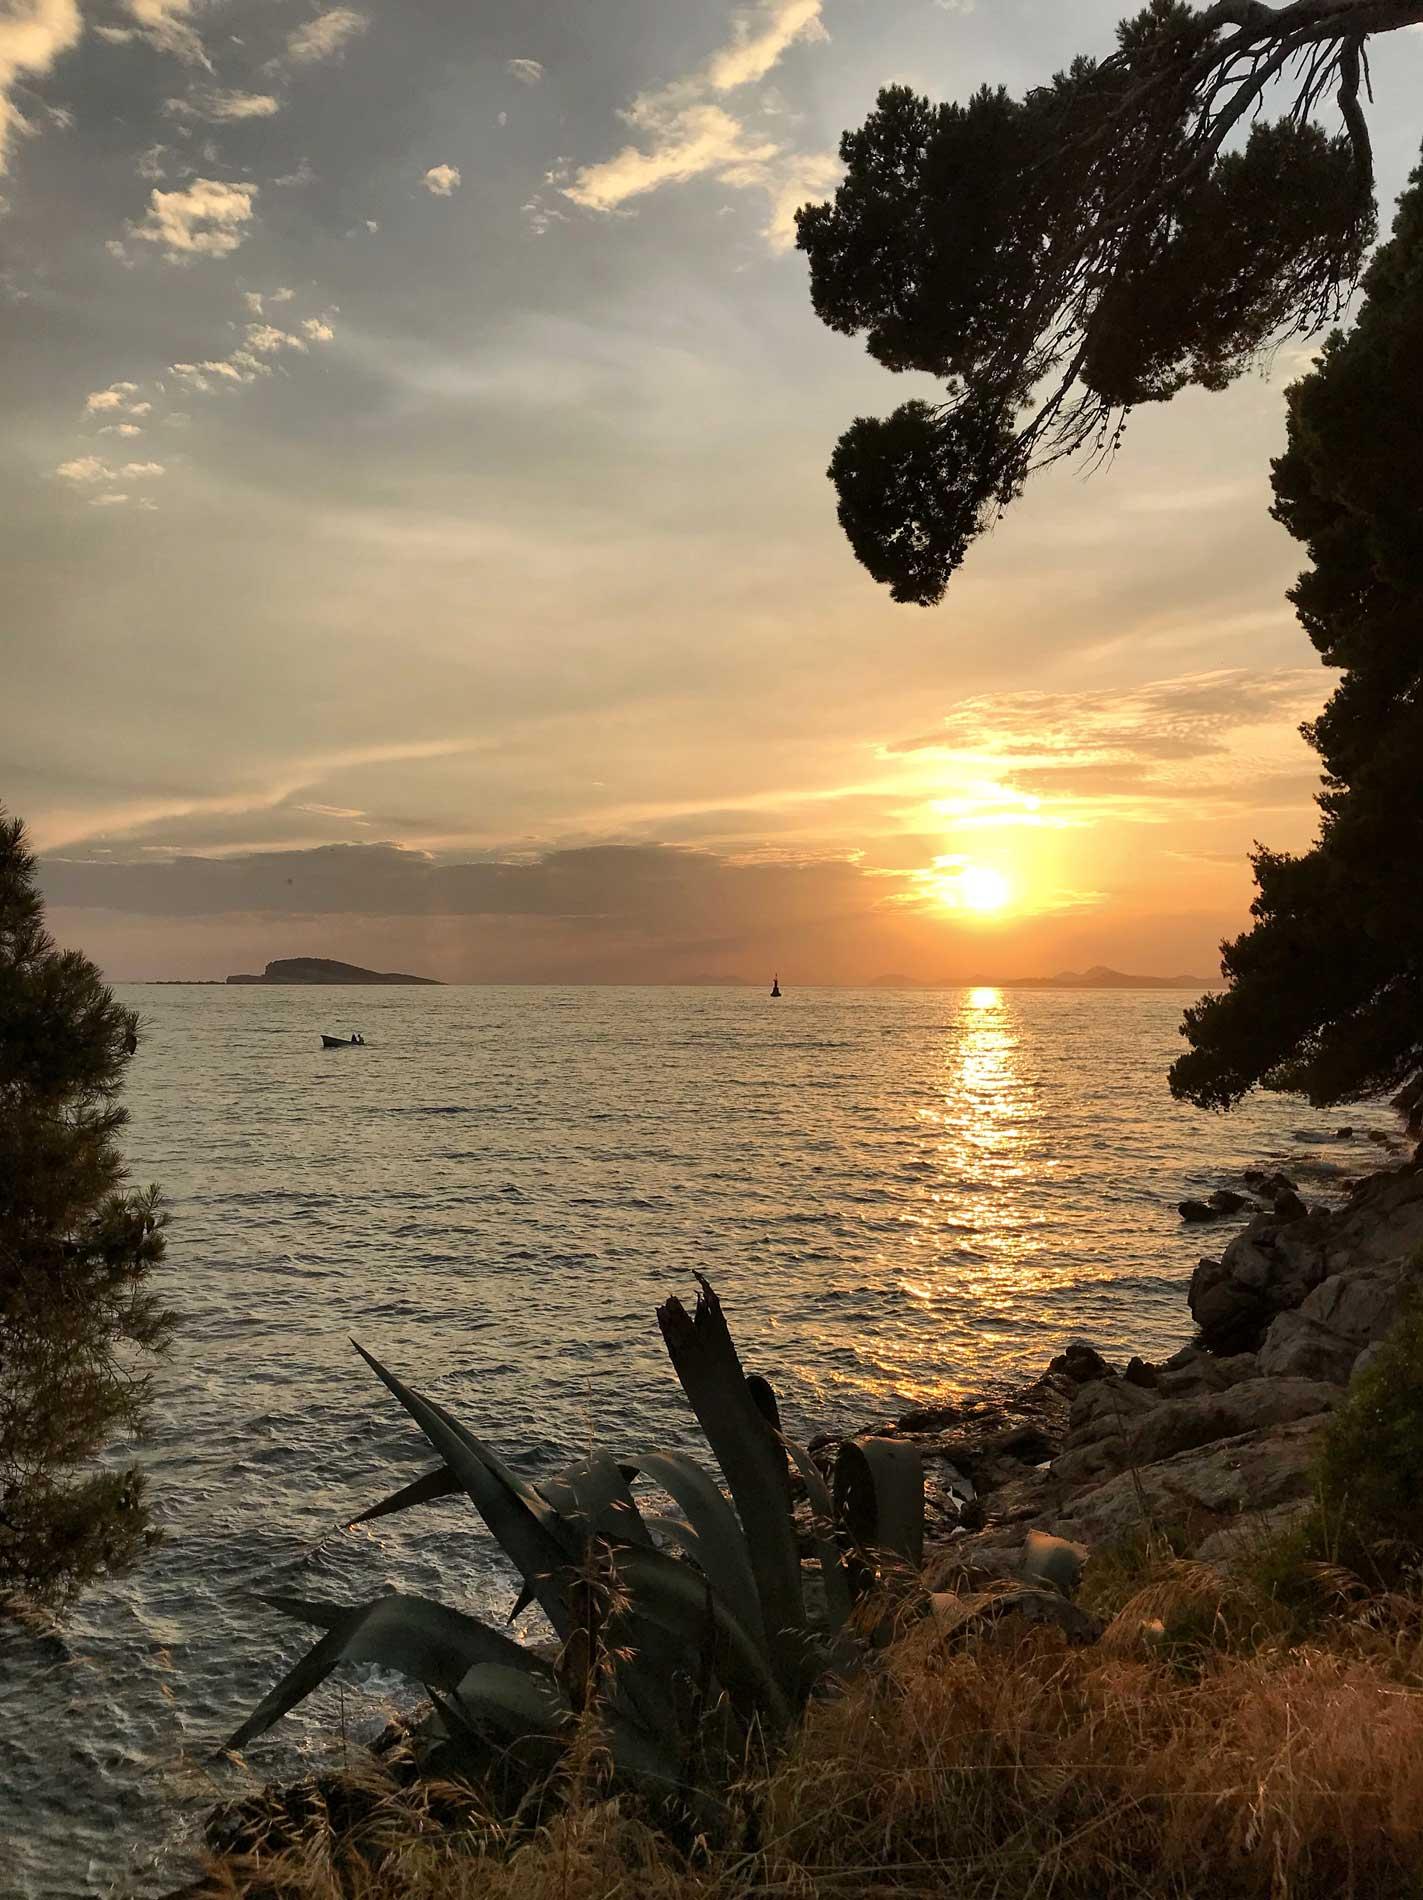 Cavtat-Dubrovnik-Croazia-tramonto-sul-mare-natura-sole